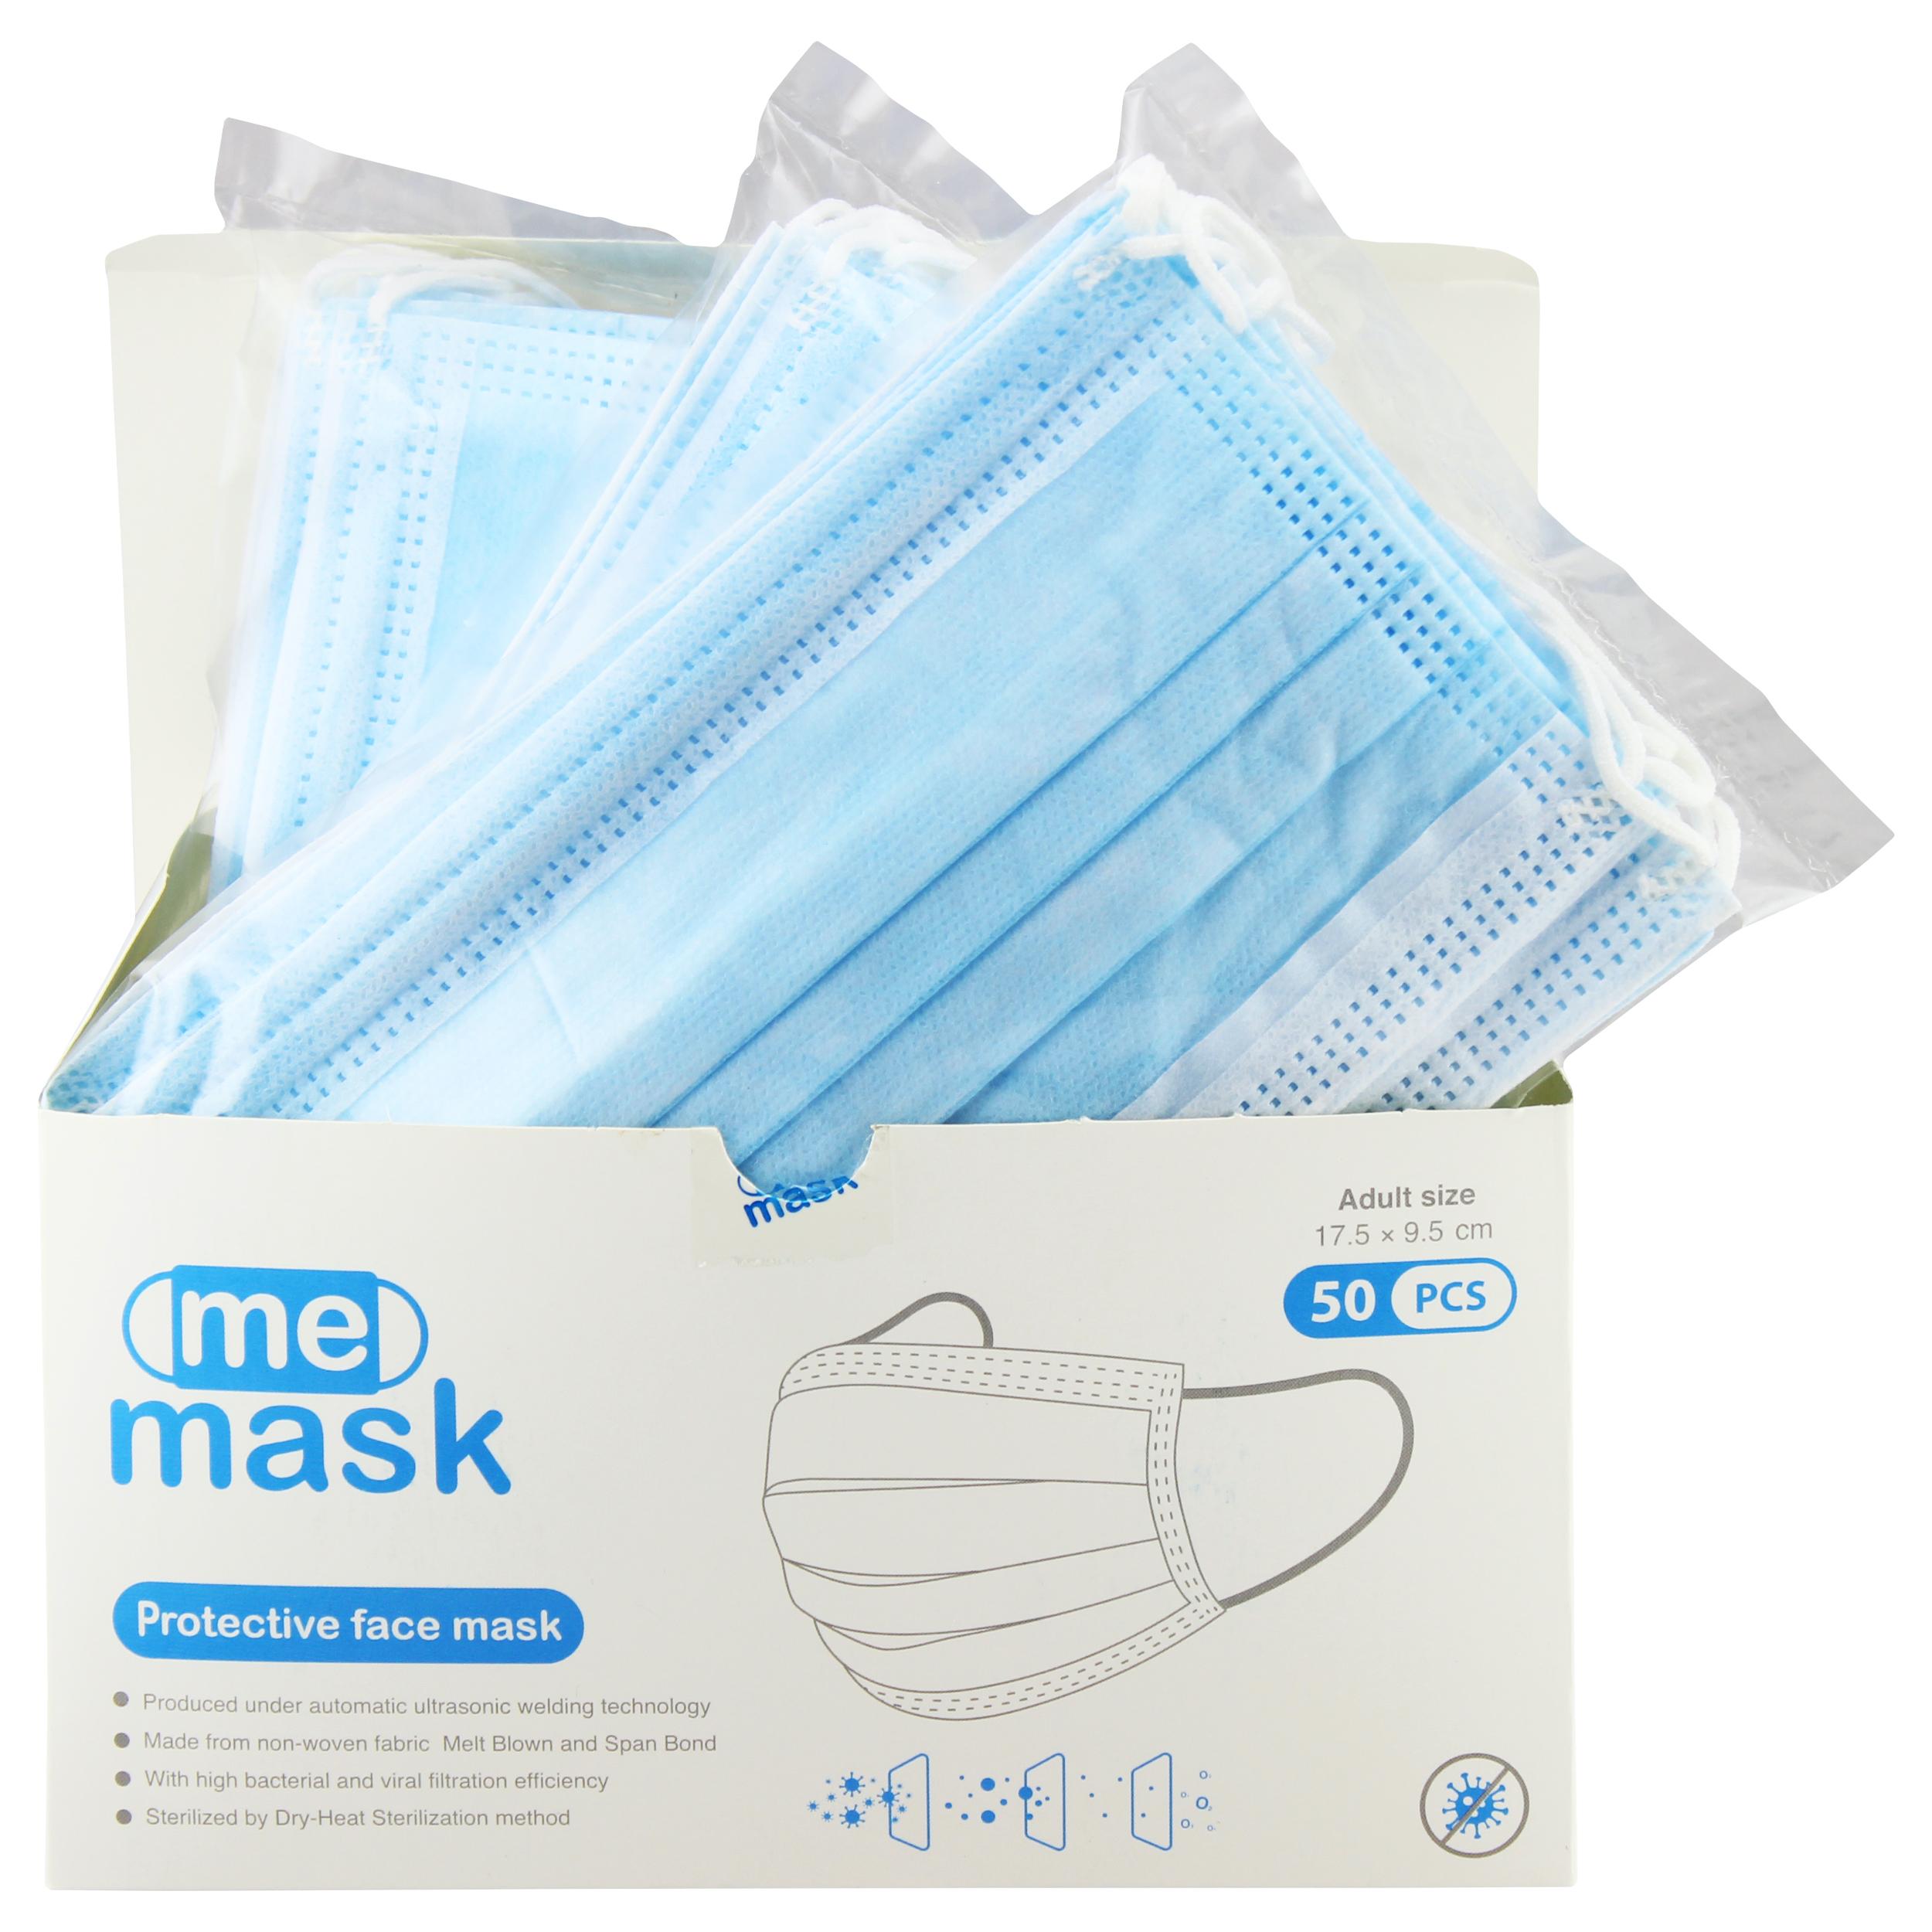 ماسک تنفسی می ماسک مدل 8020 بسته ۲۰۰ عددی